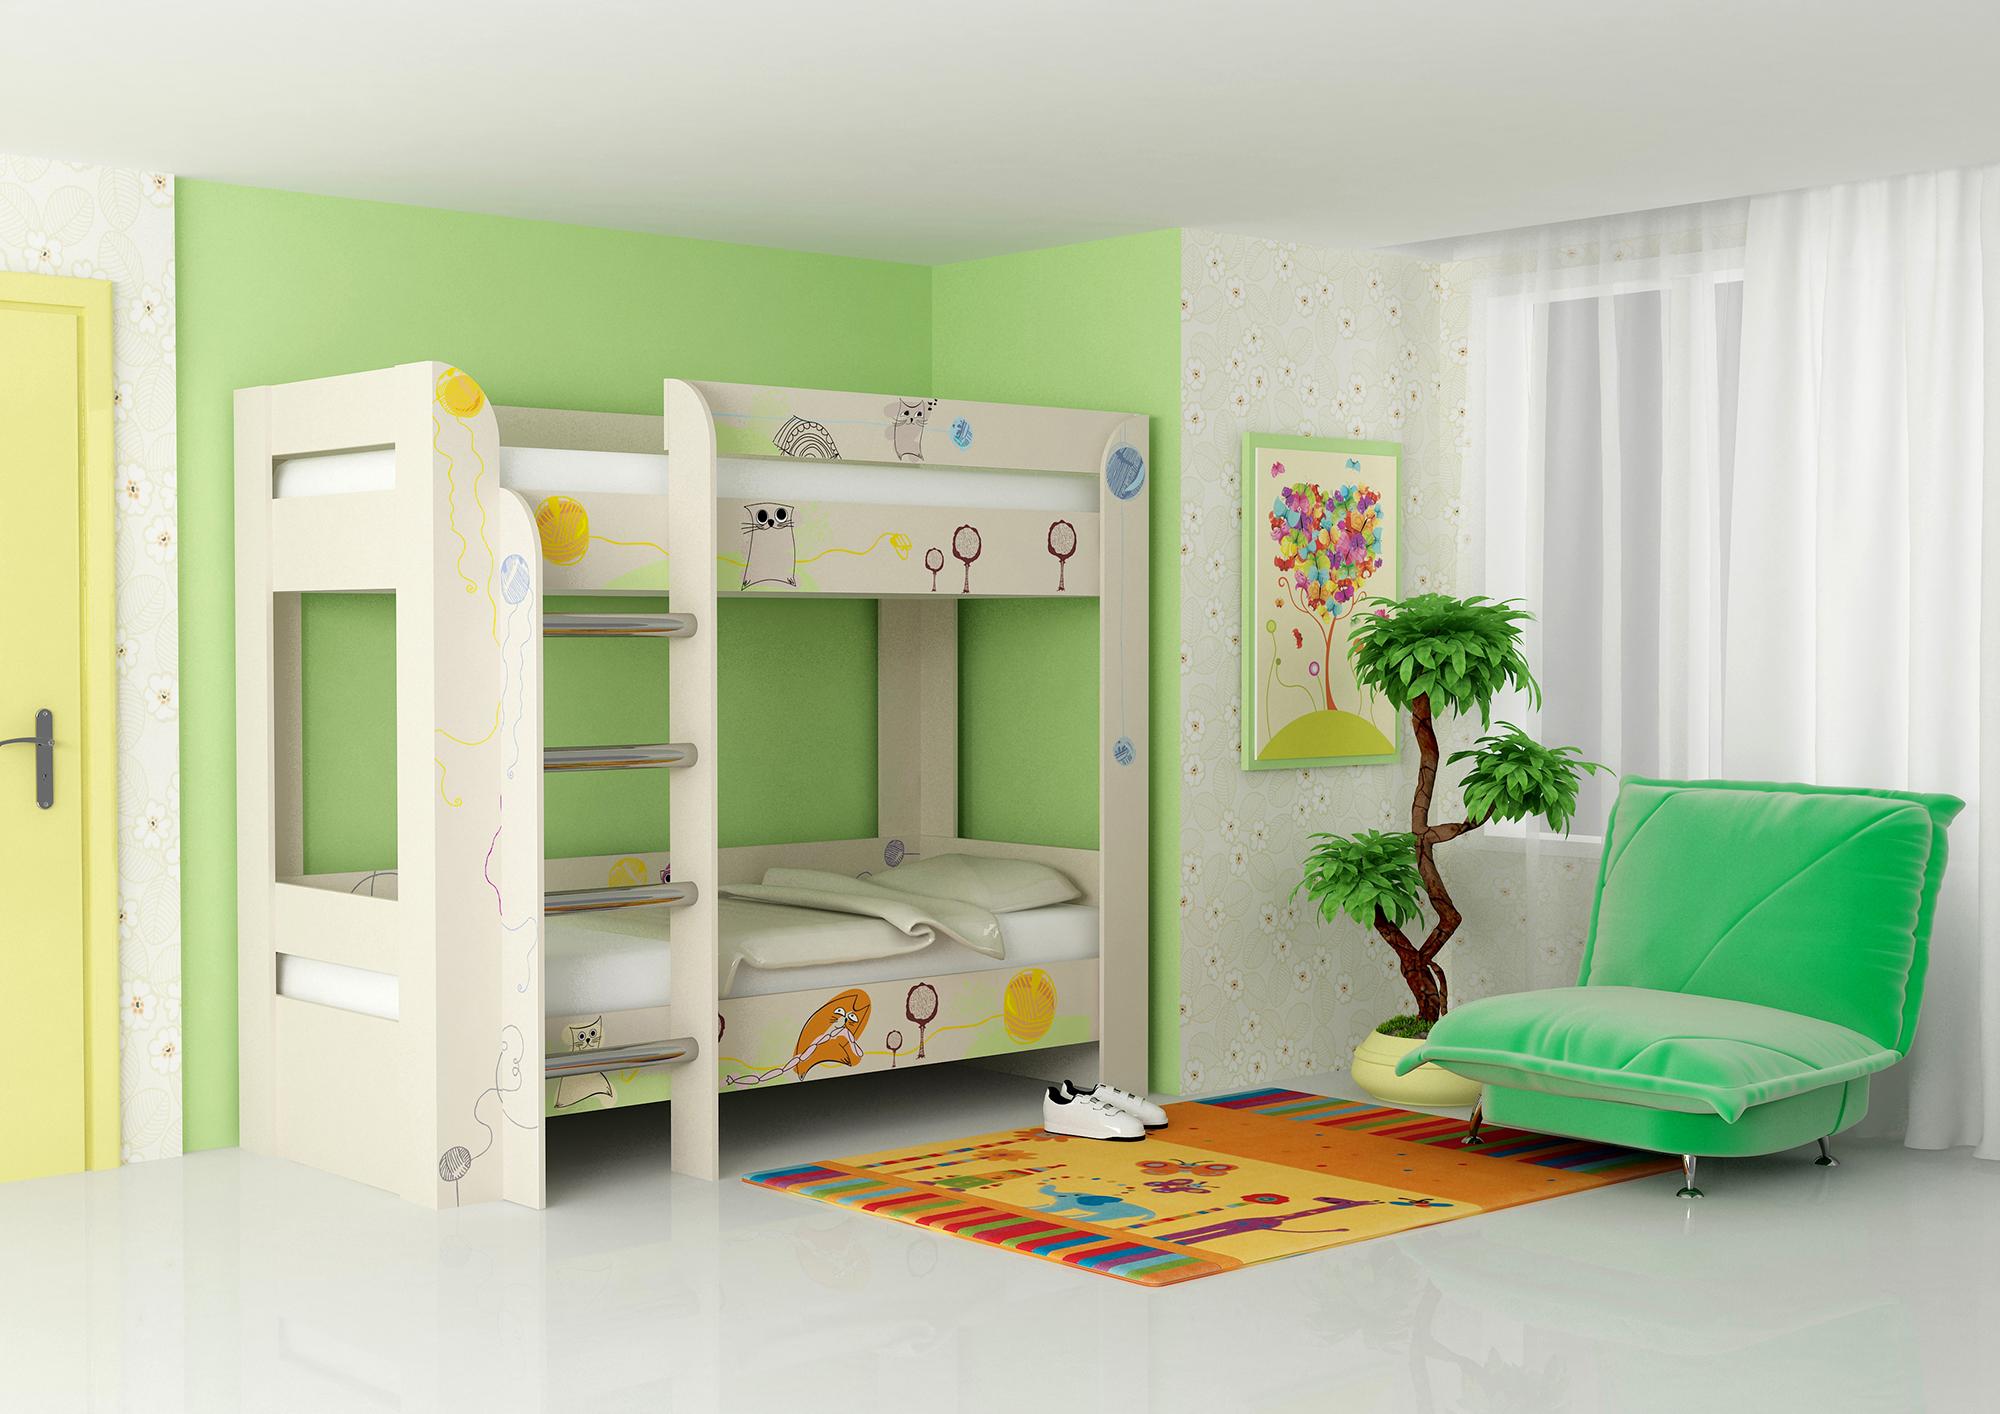 Белая двухъярусная кровать с рисунками